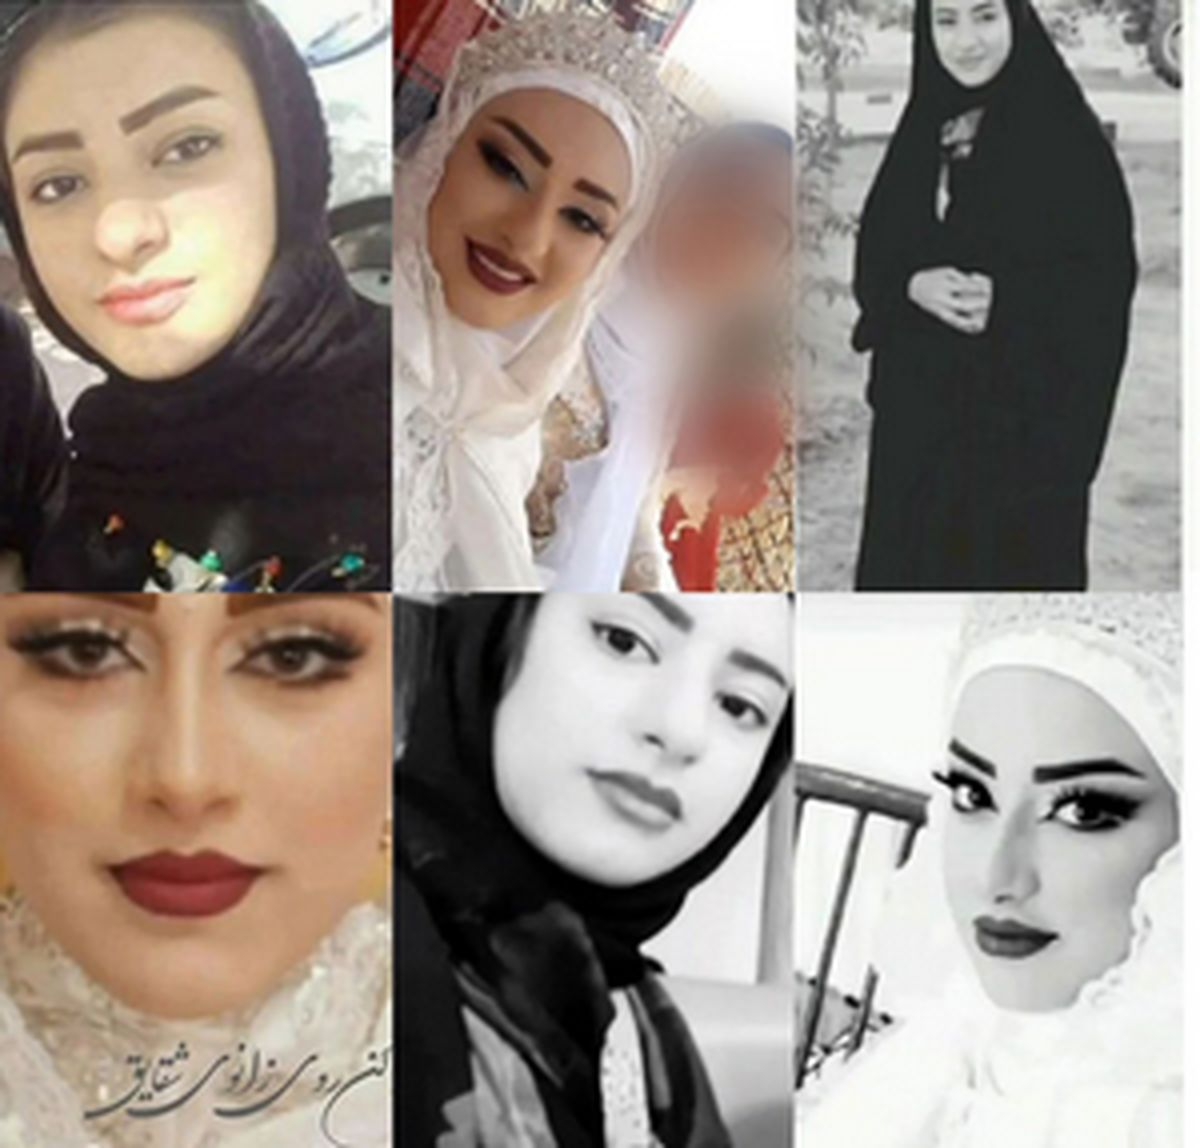 جزئیات علت قتل ناموسی مبینا سوری توسط شوهرش